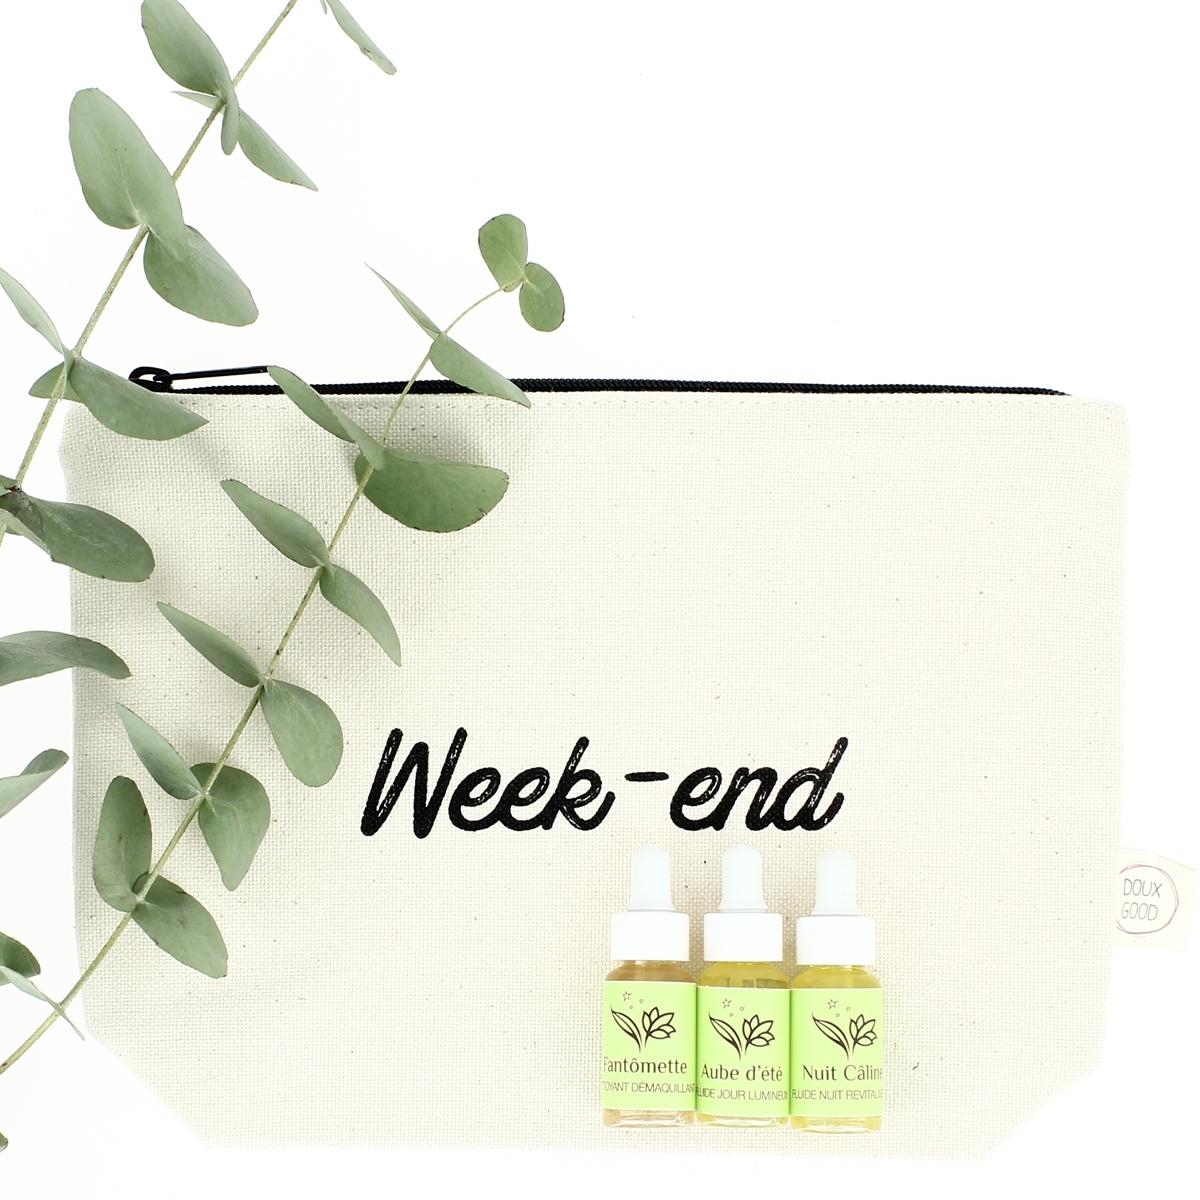 Trousse Week-end - Exclusivité Doux Good - soins visage Douces Angevines